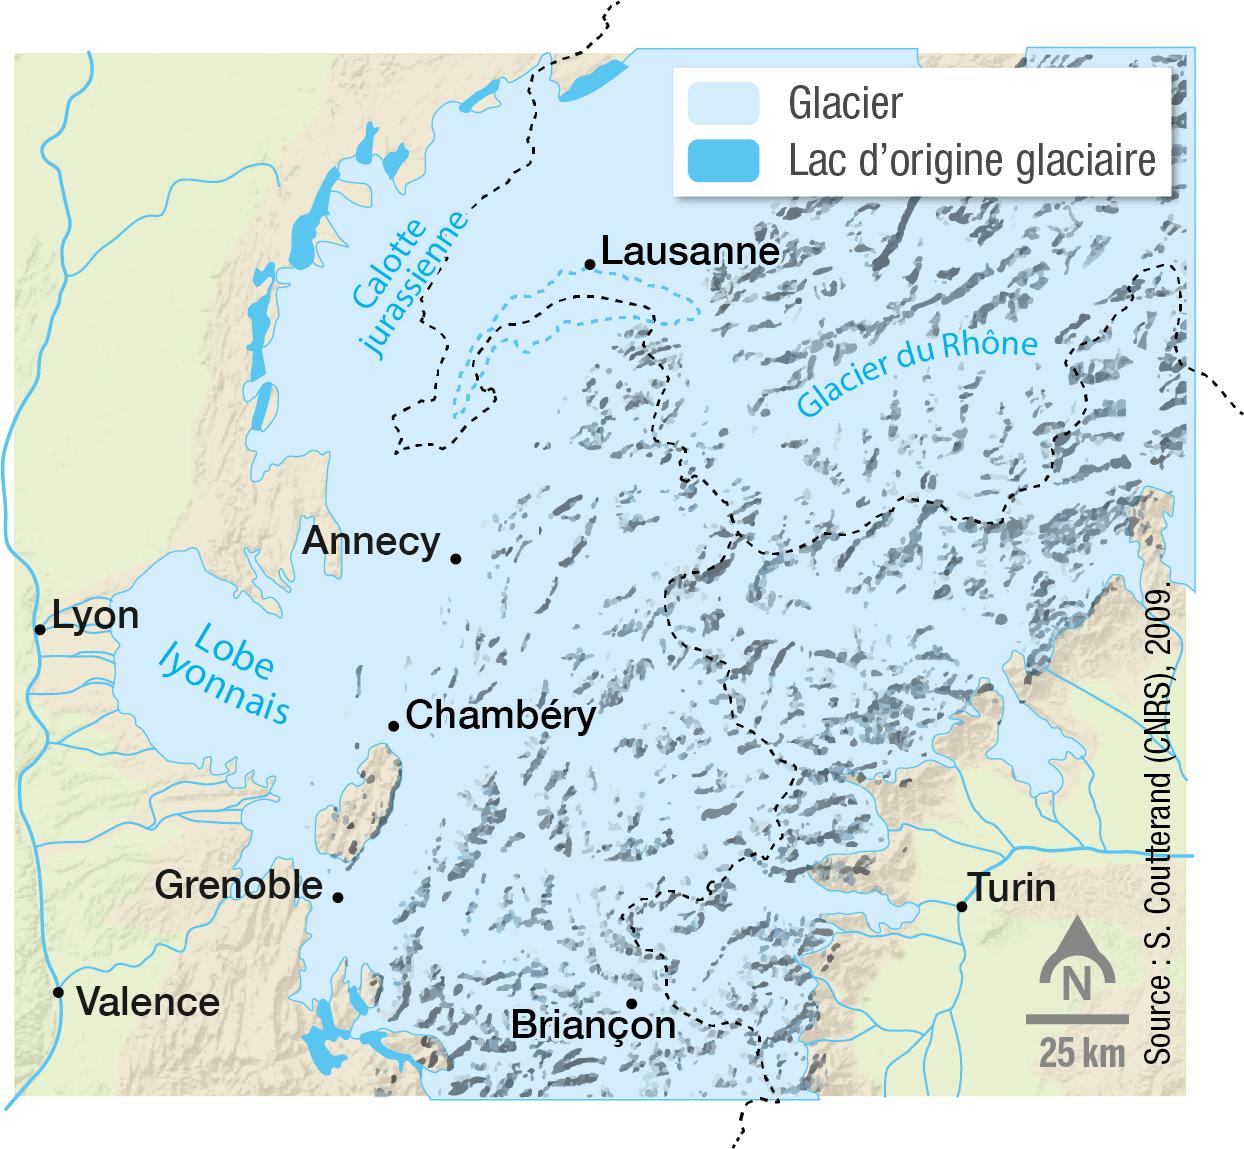 Les glaciers des Alpes au maximum de la glaciation de Würm, il y a 40 000 ans.